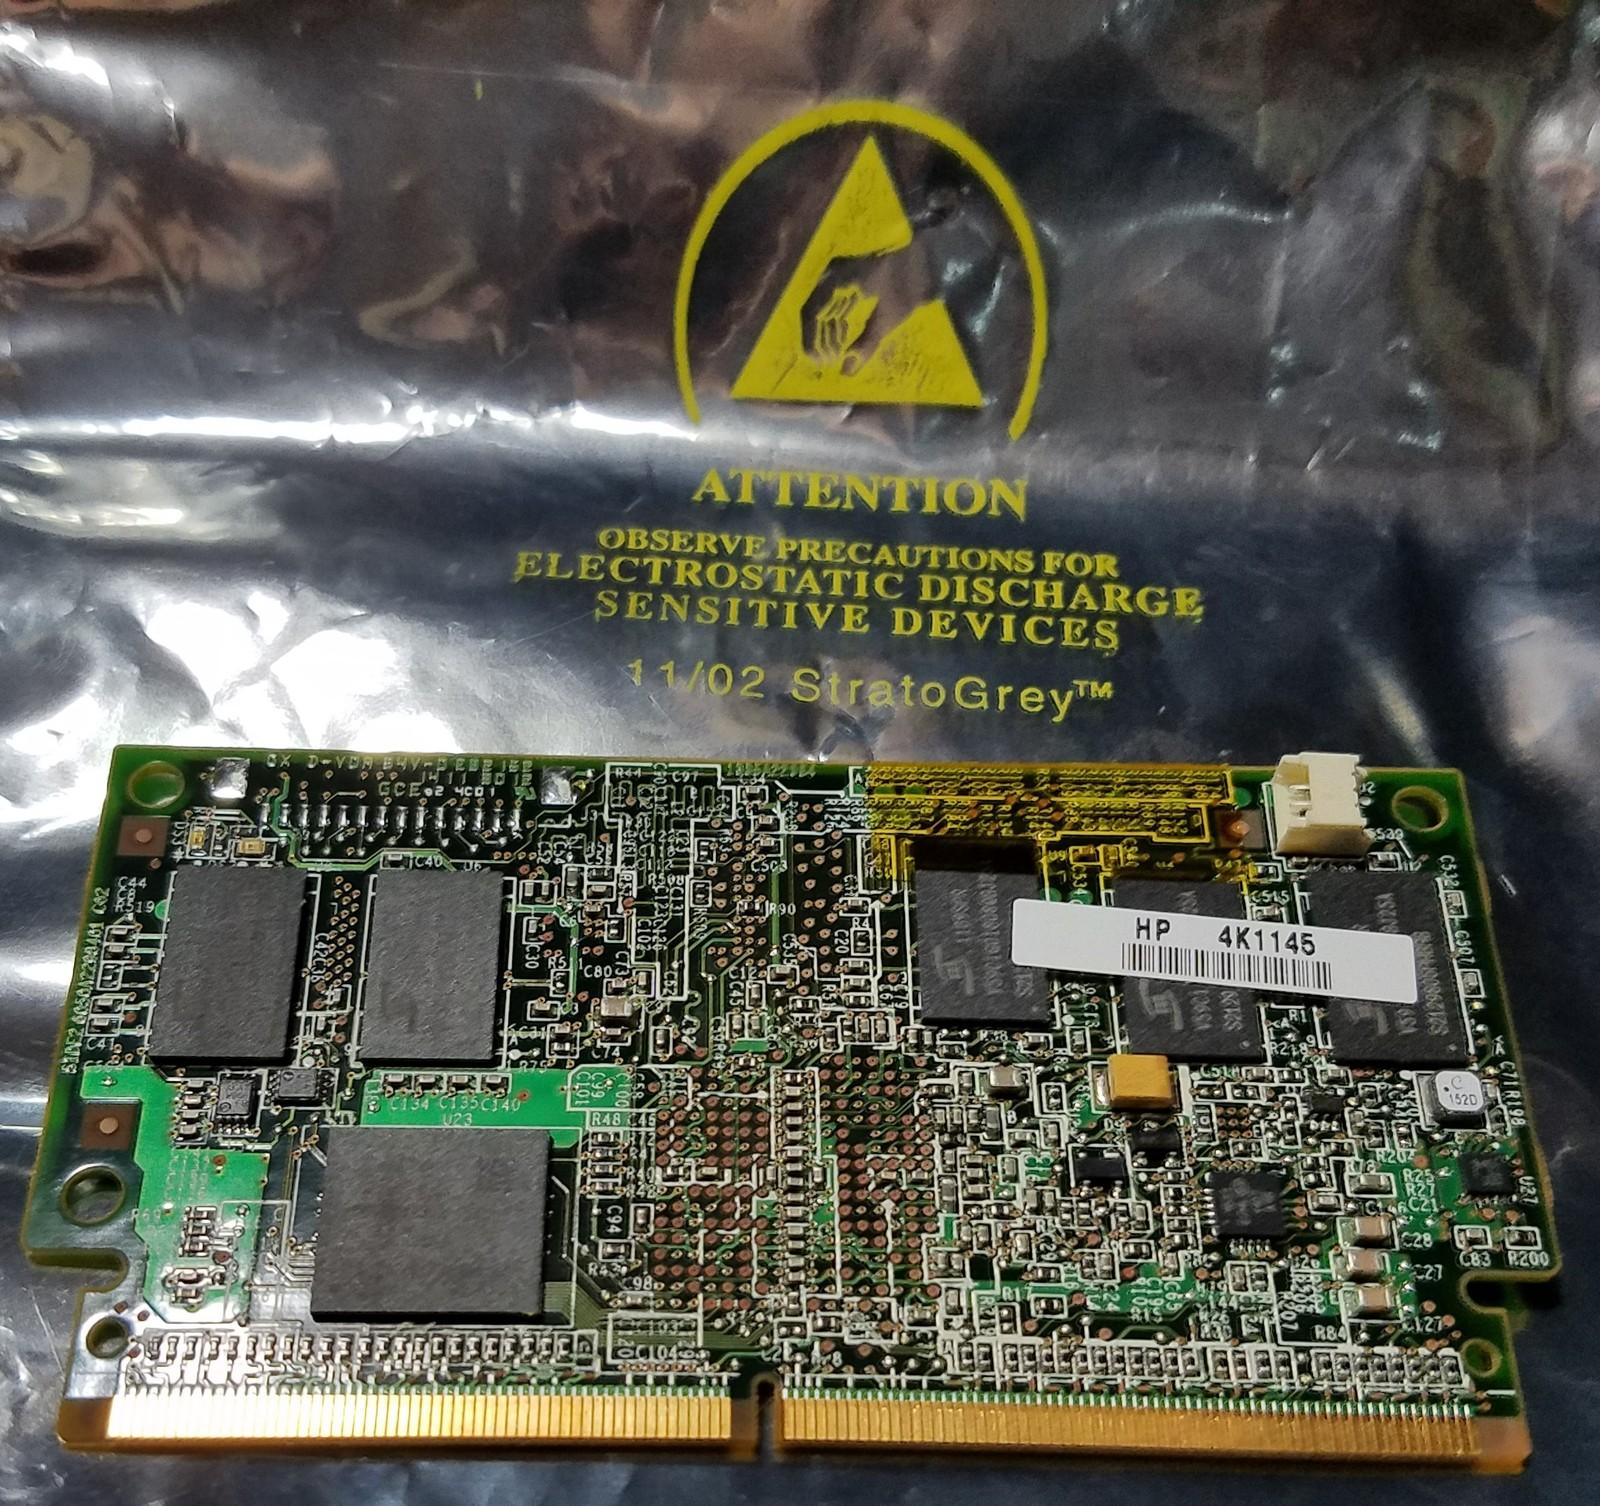 HP DV2000 RAID WINDOWS XP DRIVER